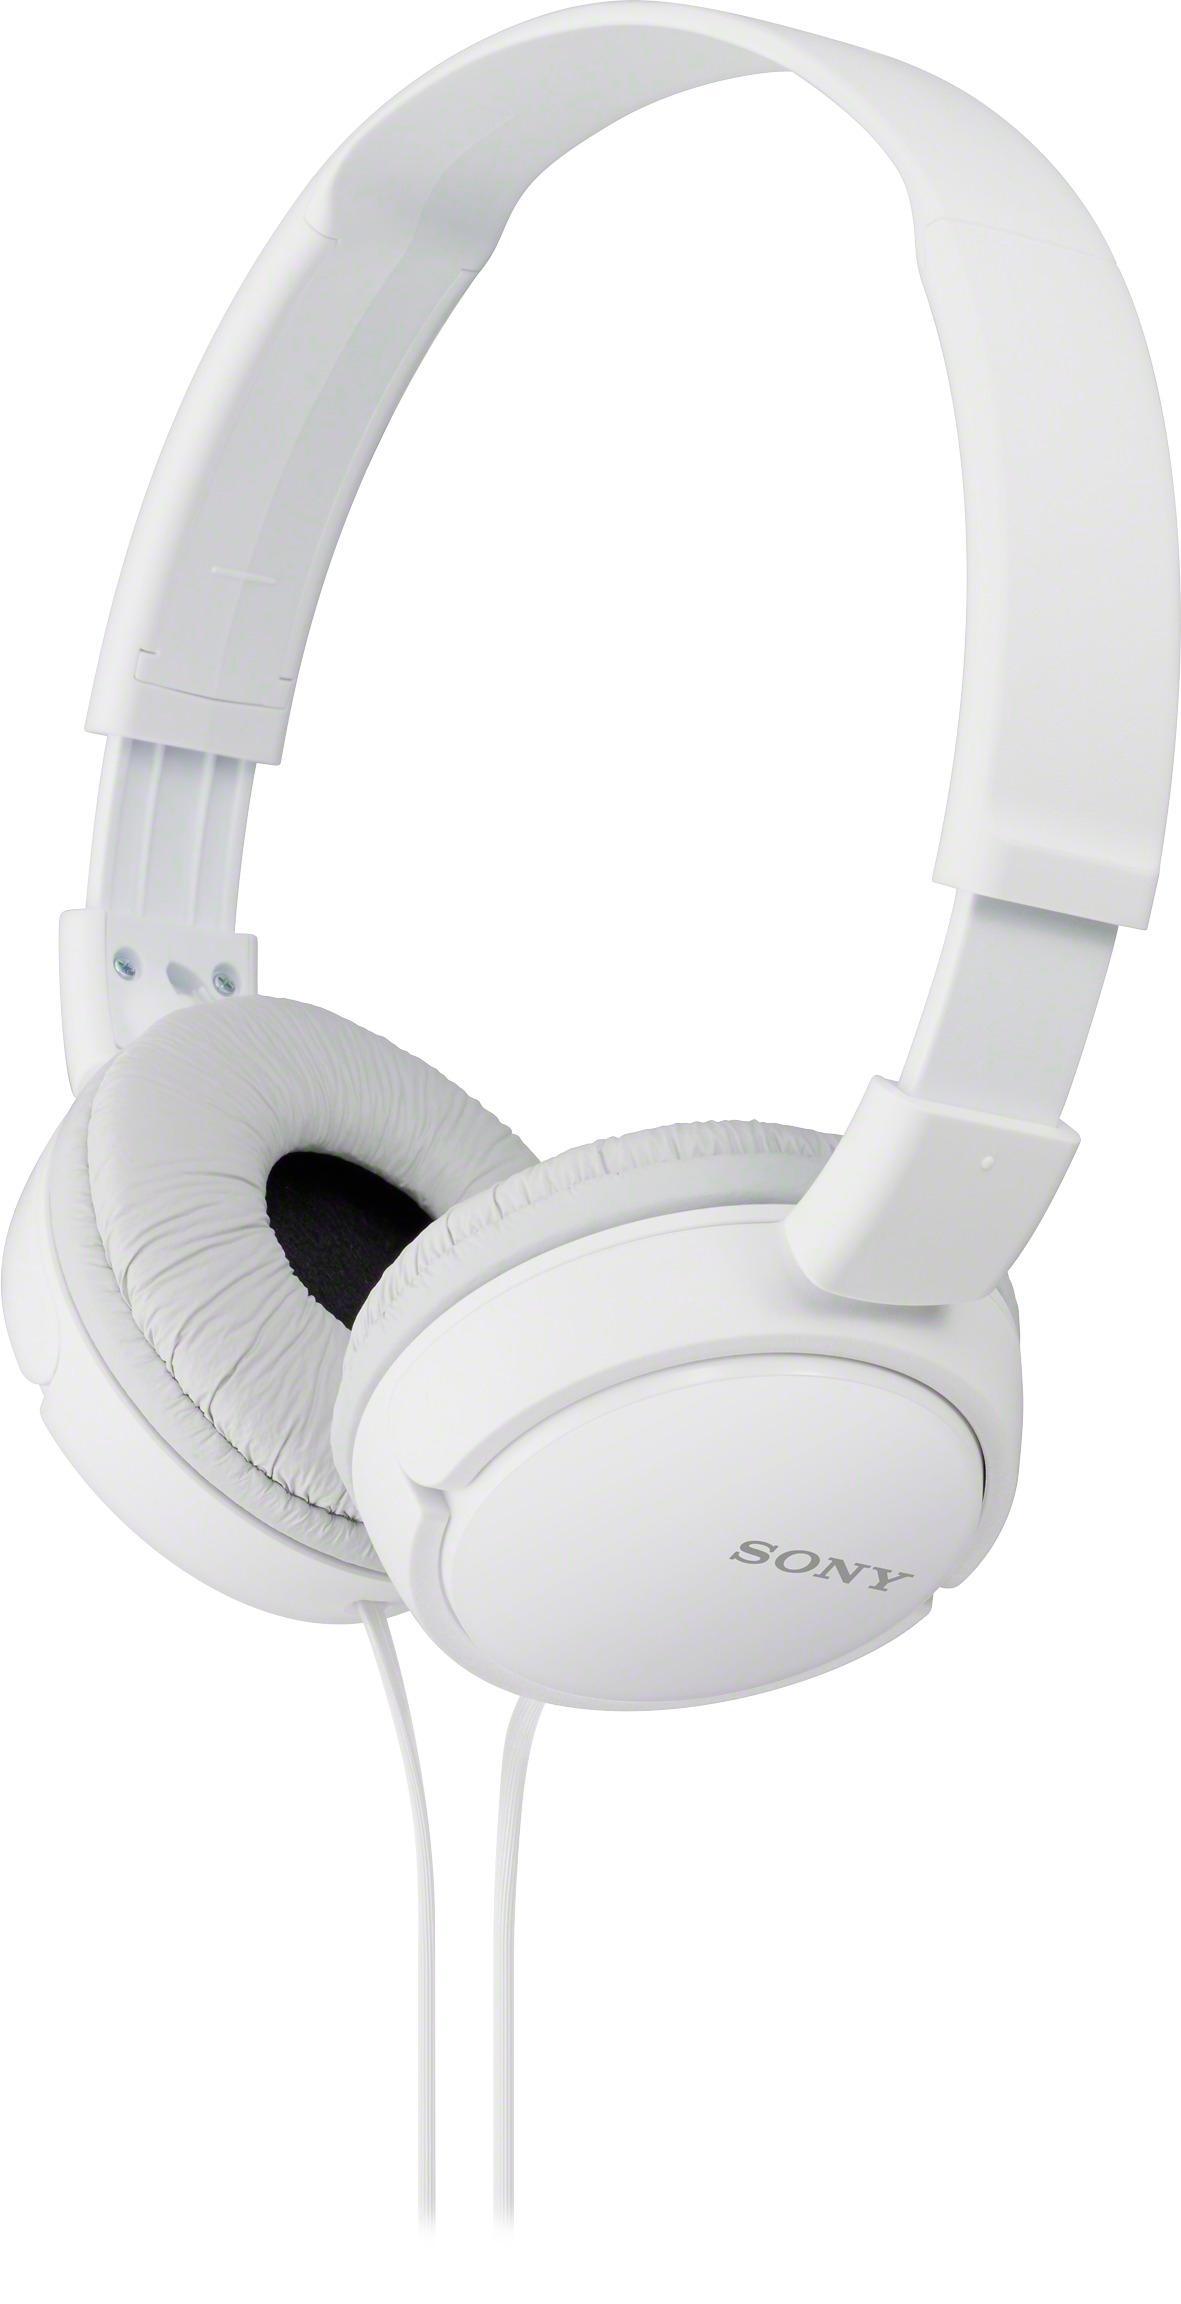 Sony ZX Series On-Ear Headphones White MDRZX110/W